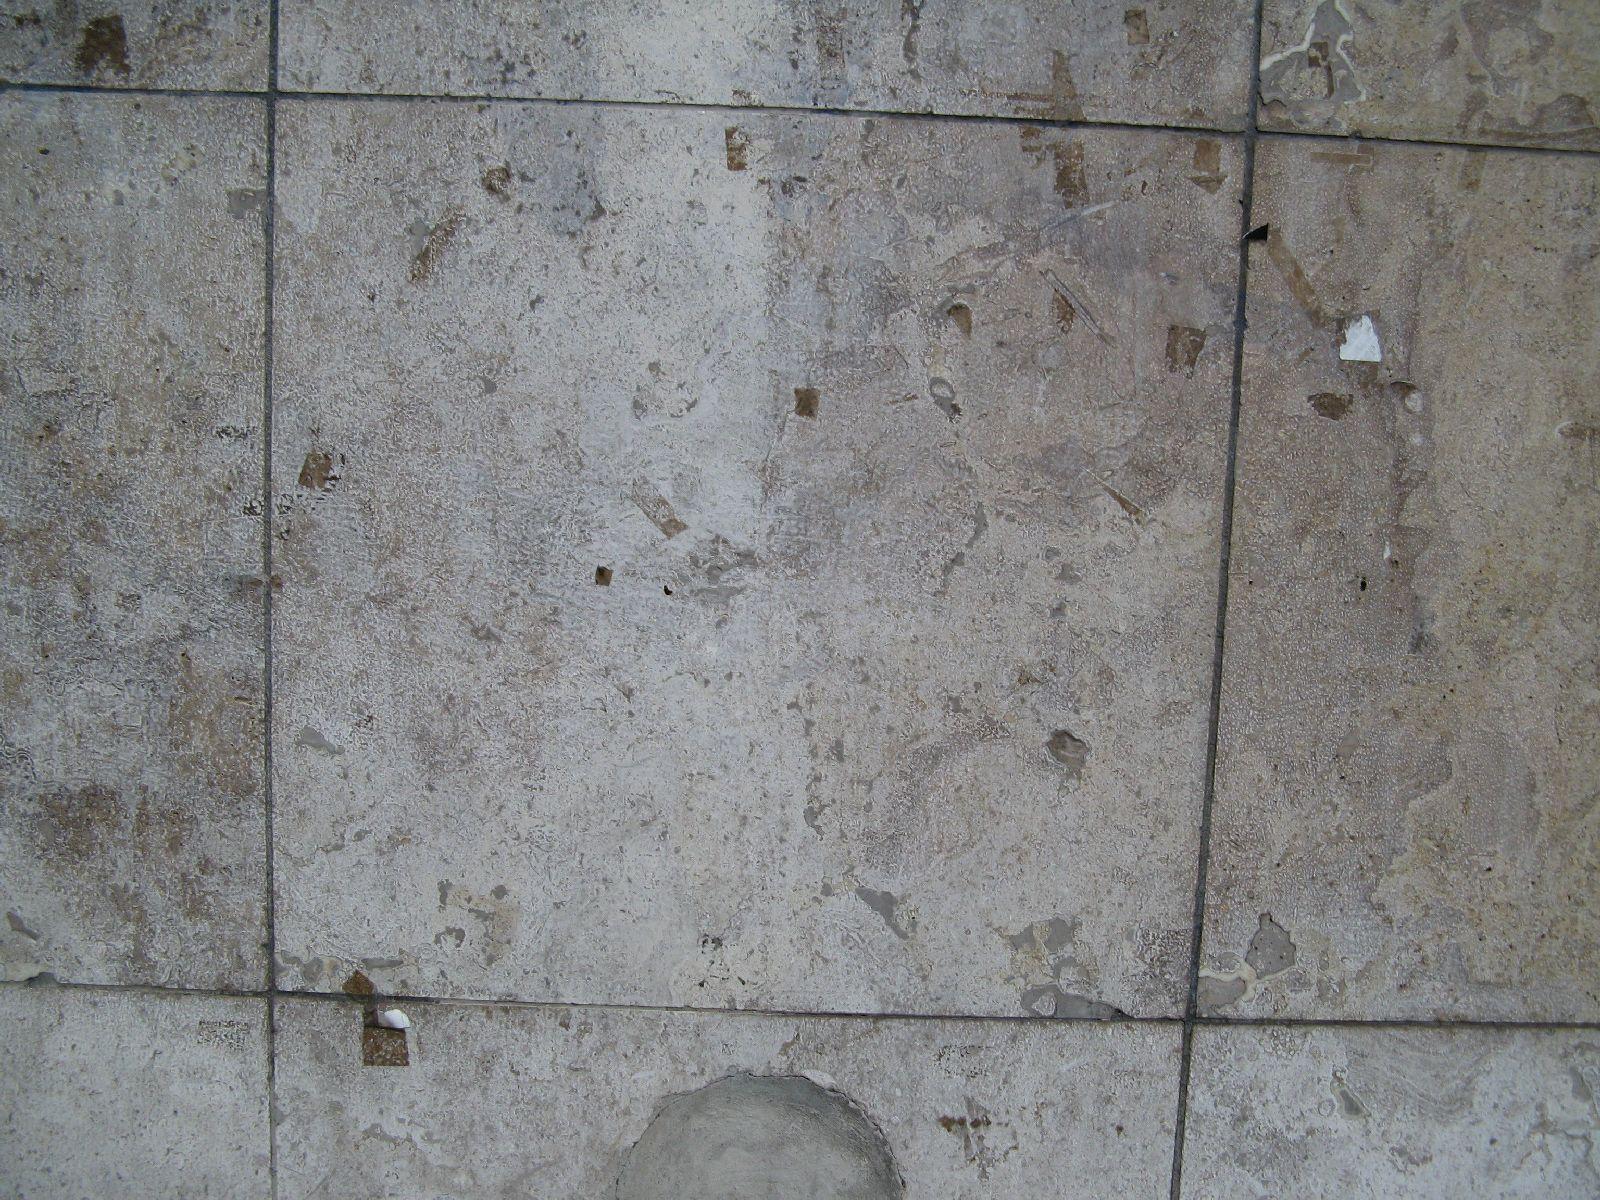 Ground-Urban_Texture_B_0946